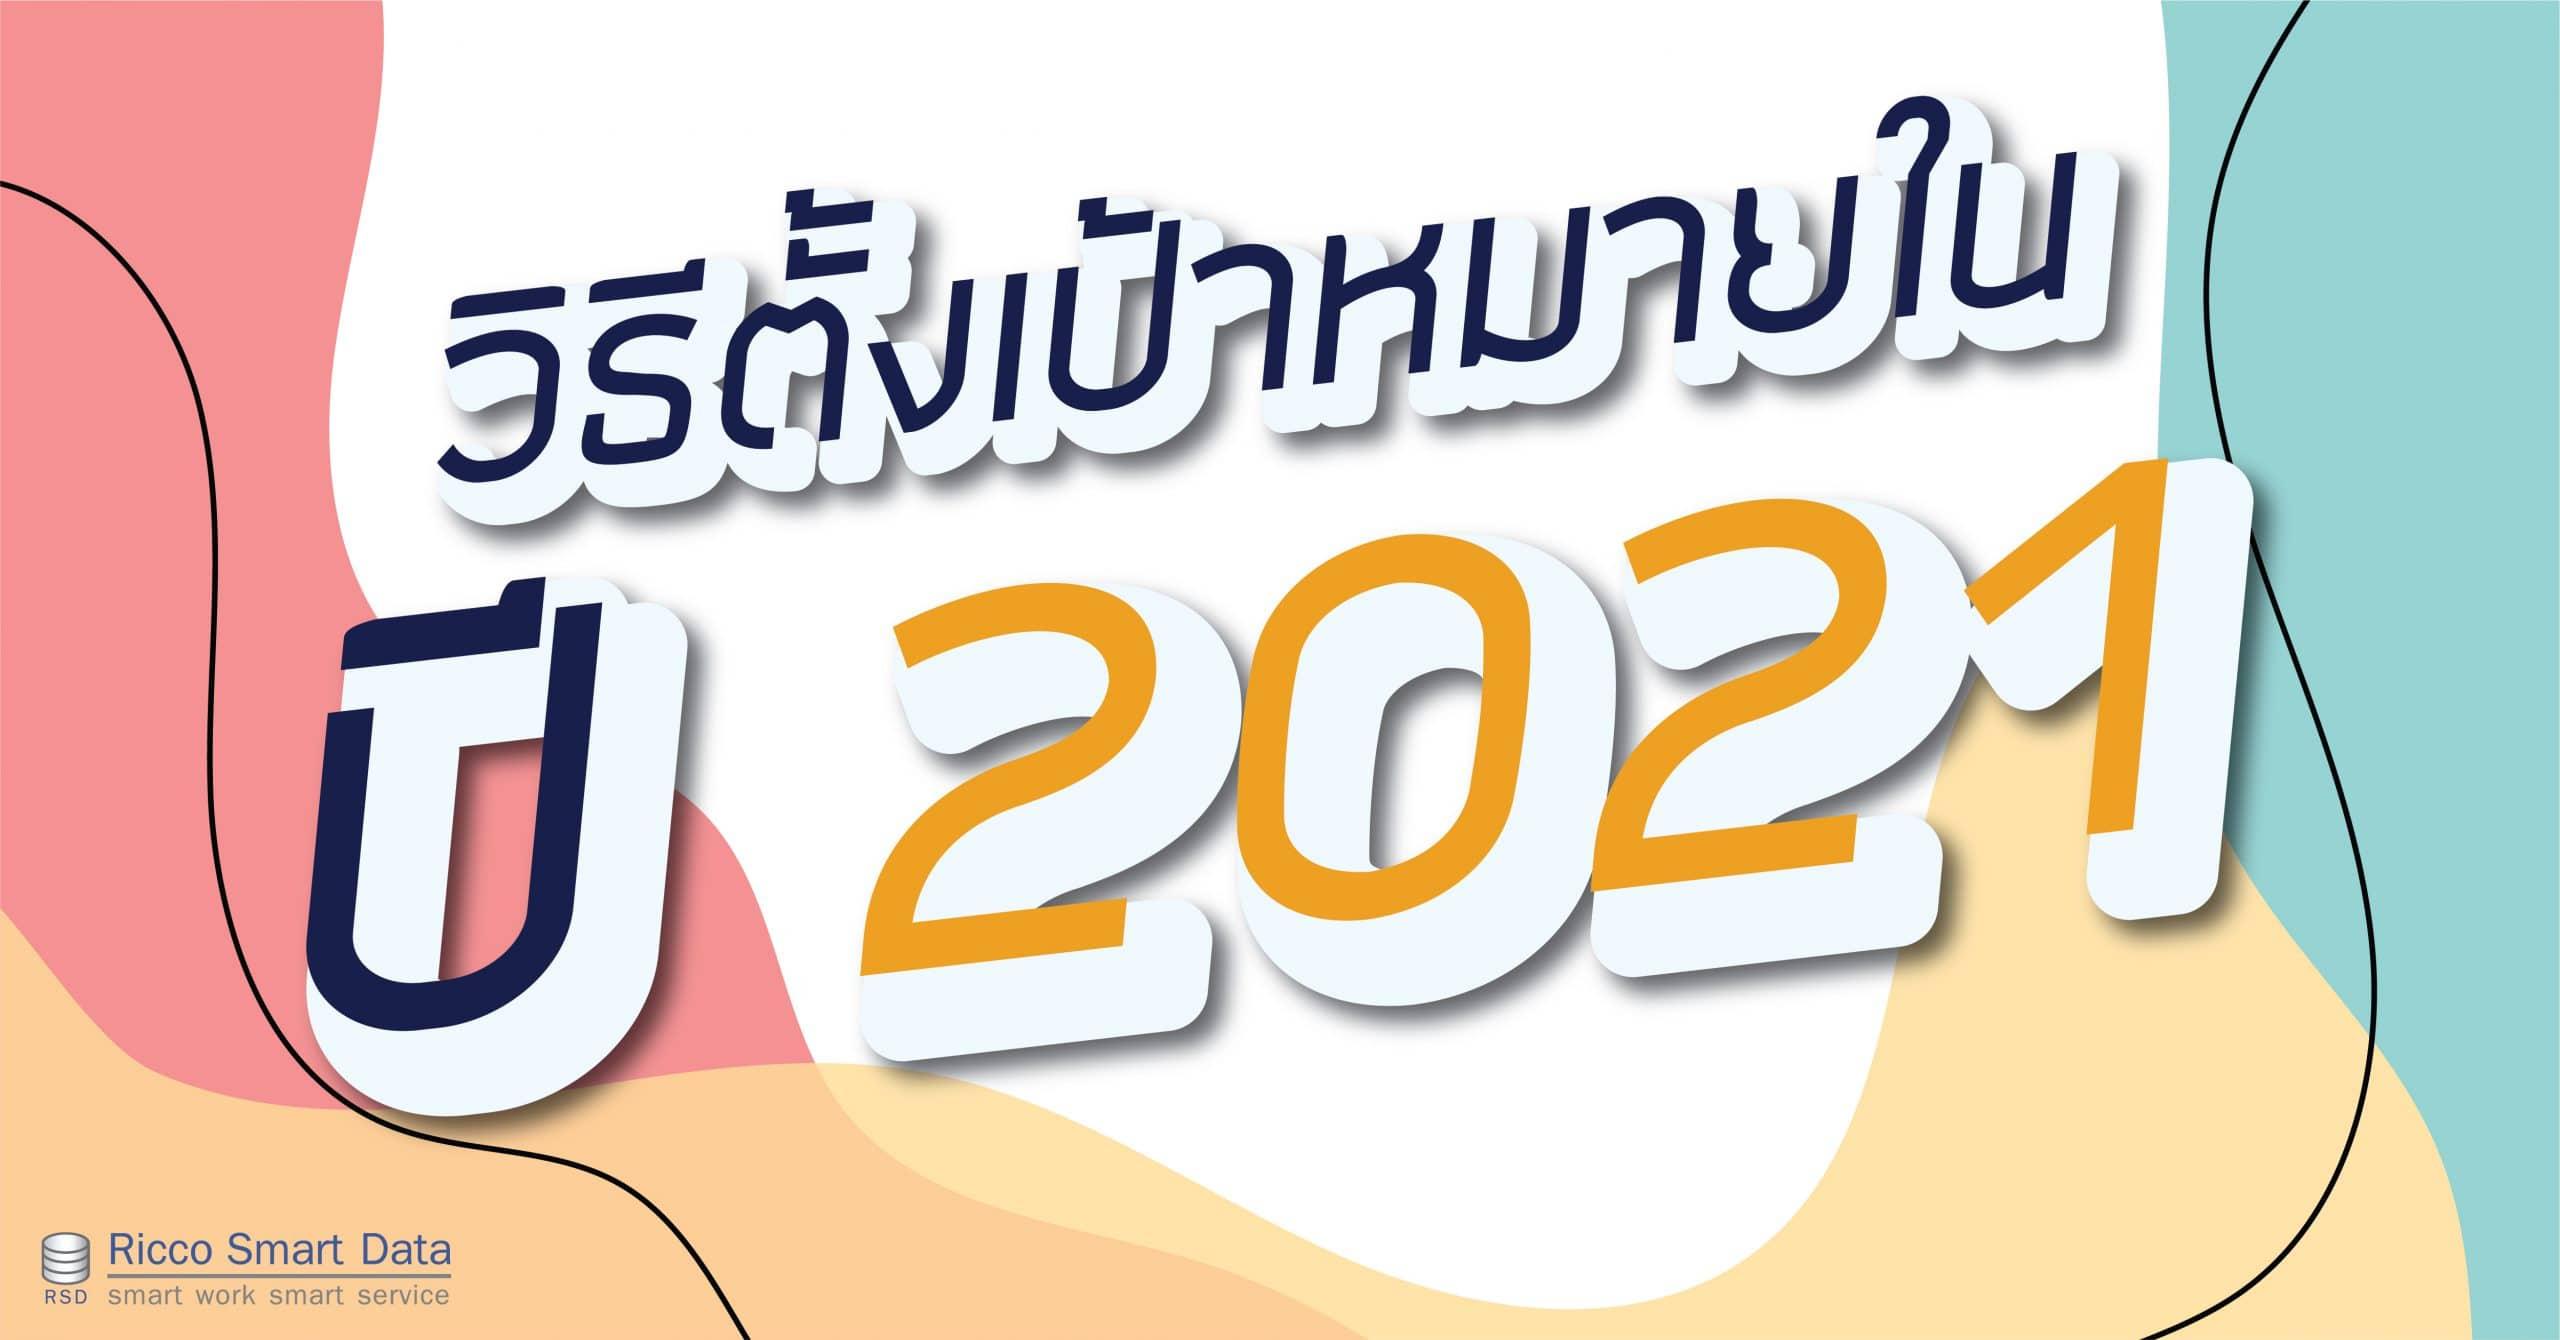 ชื่อรูป: How to set goals in 2021 scaled ประกอบเนื้อหา: บอกลาปี 2020 ที่แย่ แล้วมาเรียนรู้วิธีตั้งเป้าหมายในปี 2021 กัน